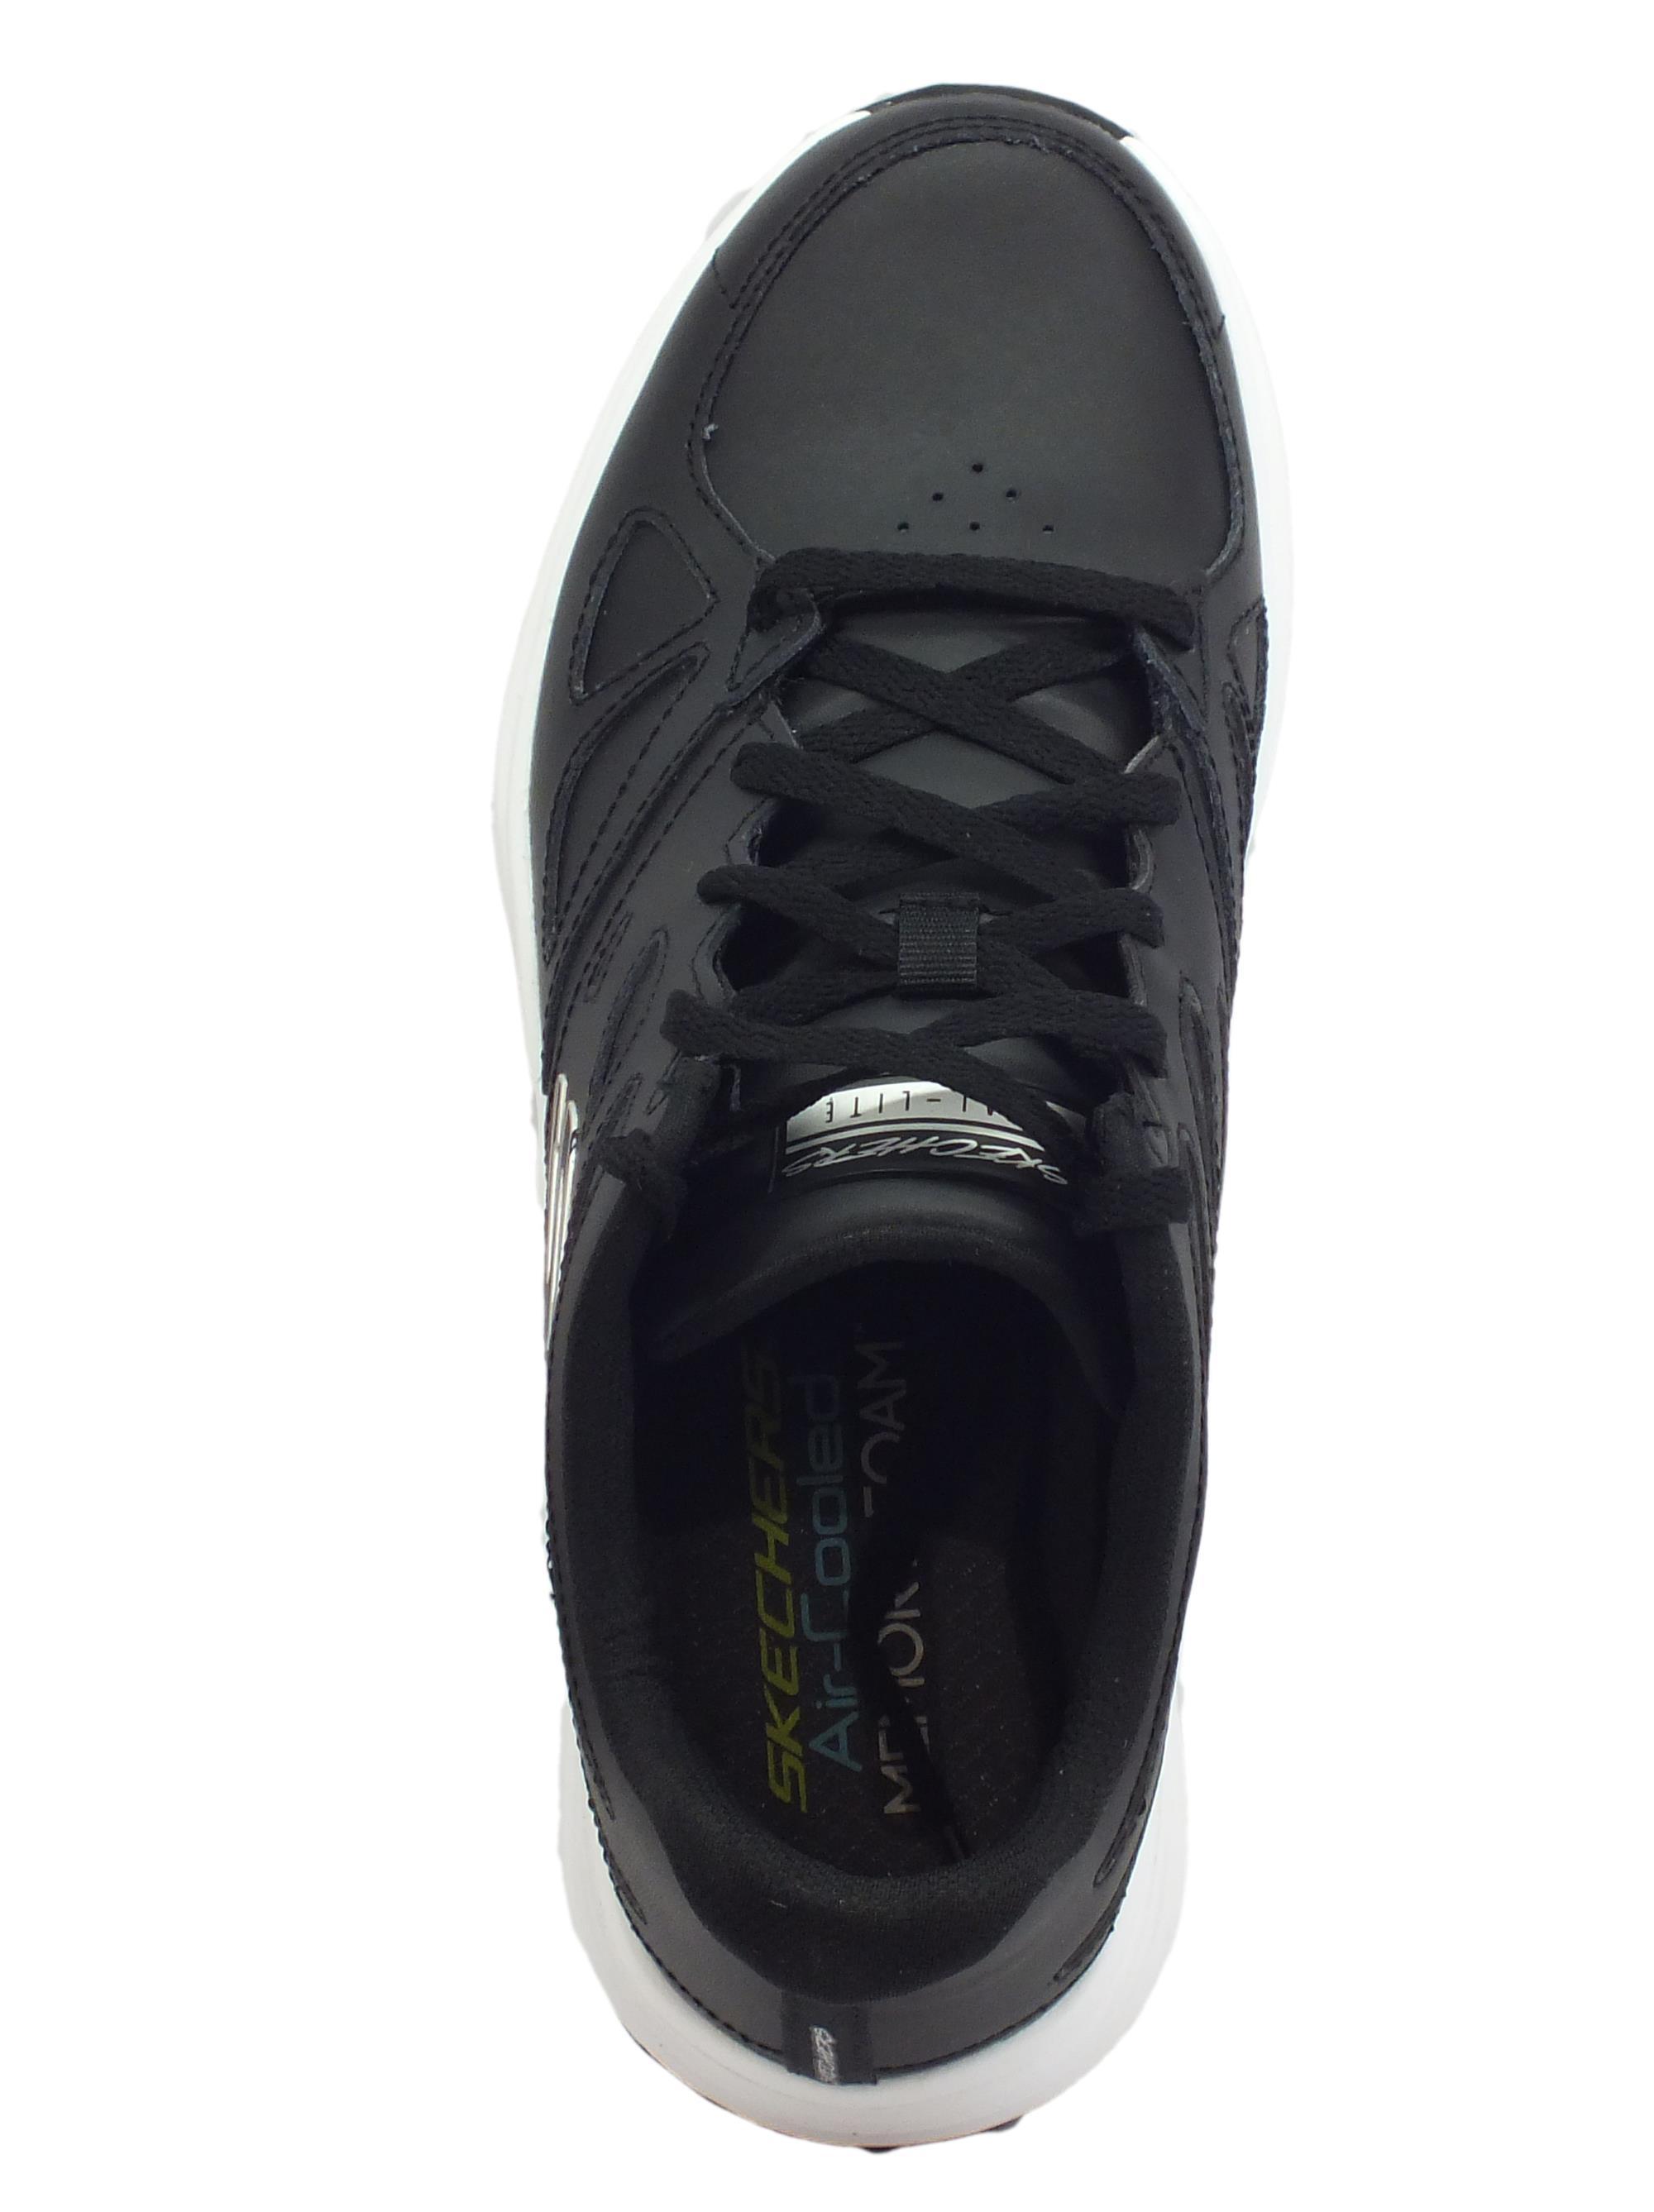 ... Skechers Skyline Woodmist Black scarpe sportive uomo in pelle nera 34784705fbc